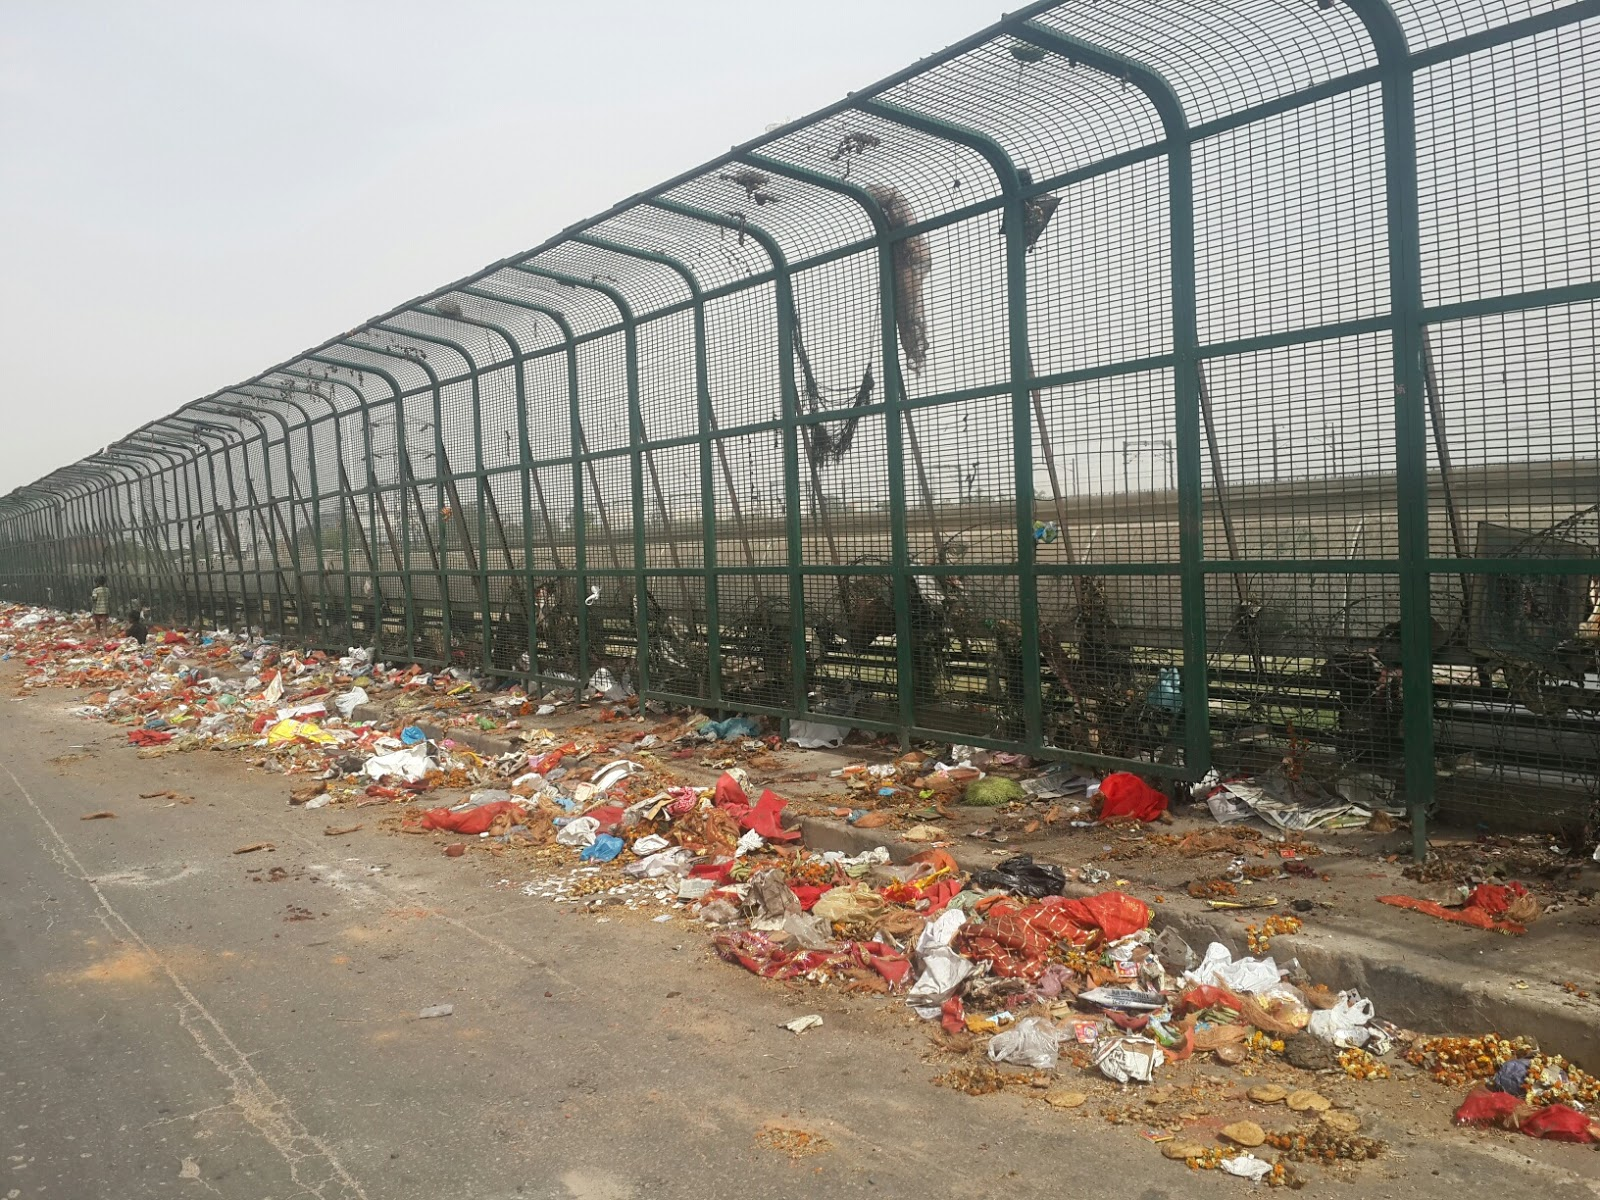 Image result for यमुना के आसपास हवन सामग्रीवफूल मालाएं फेंक दिए जाने से फिर फैल गंदगी